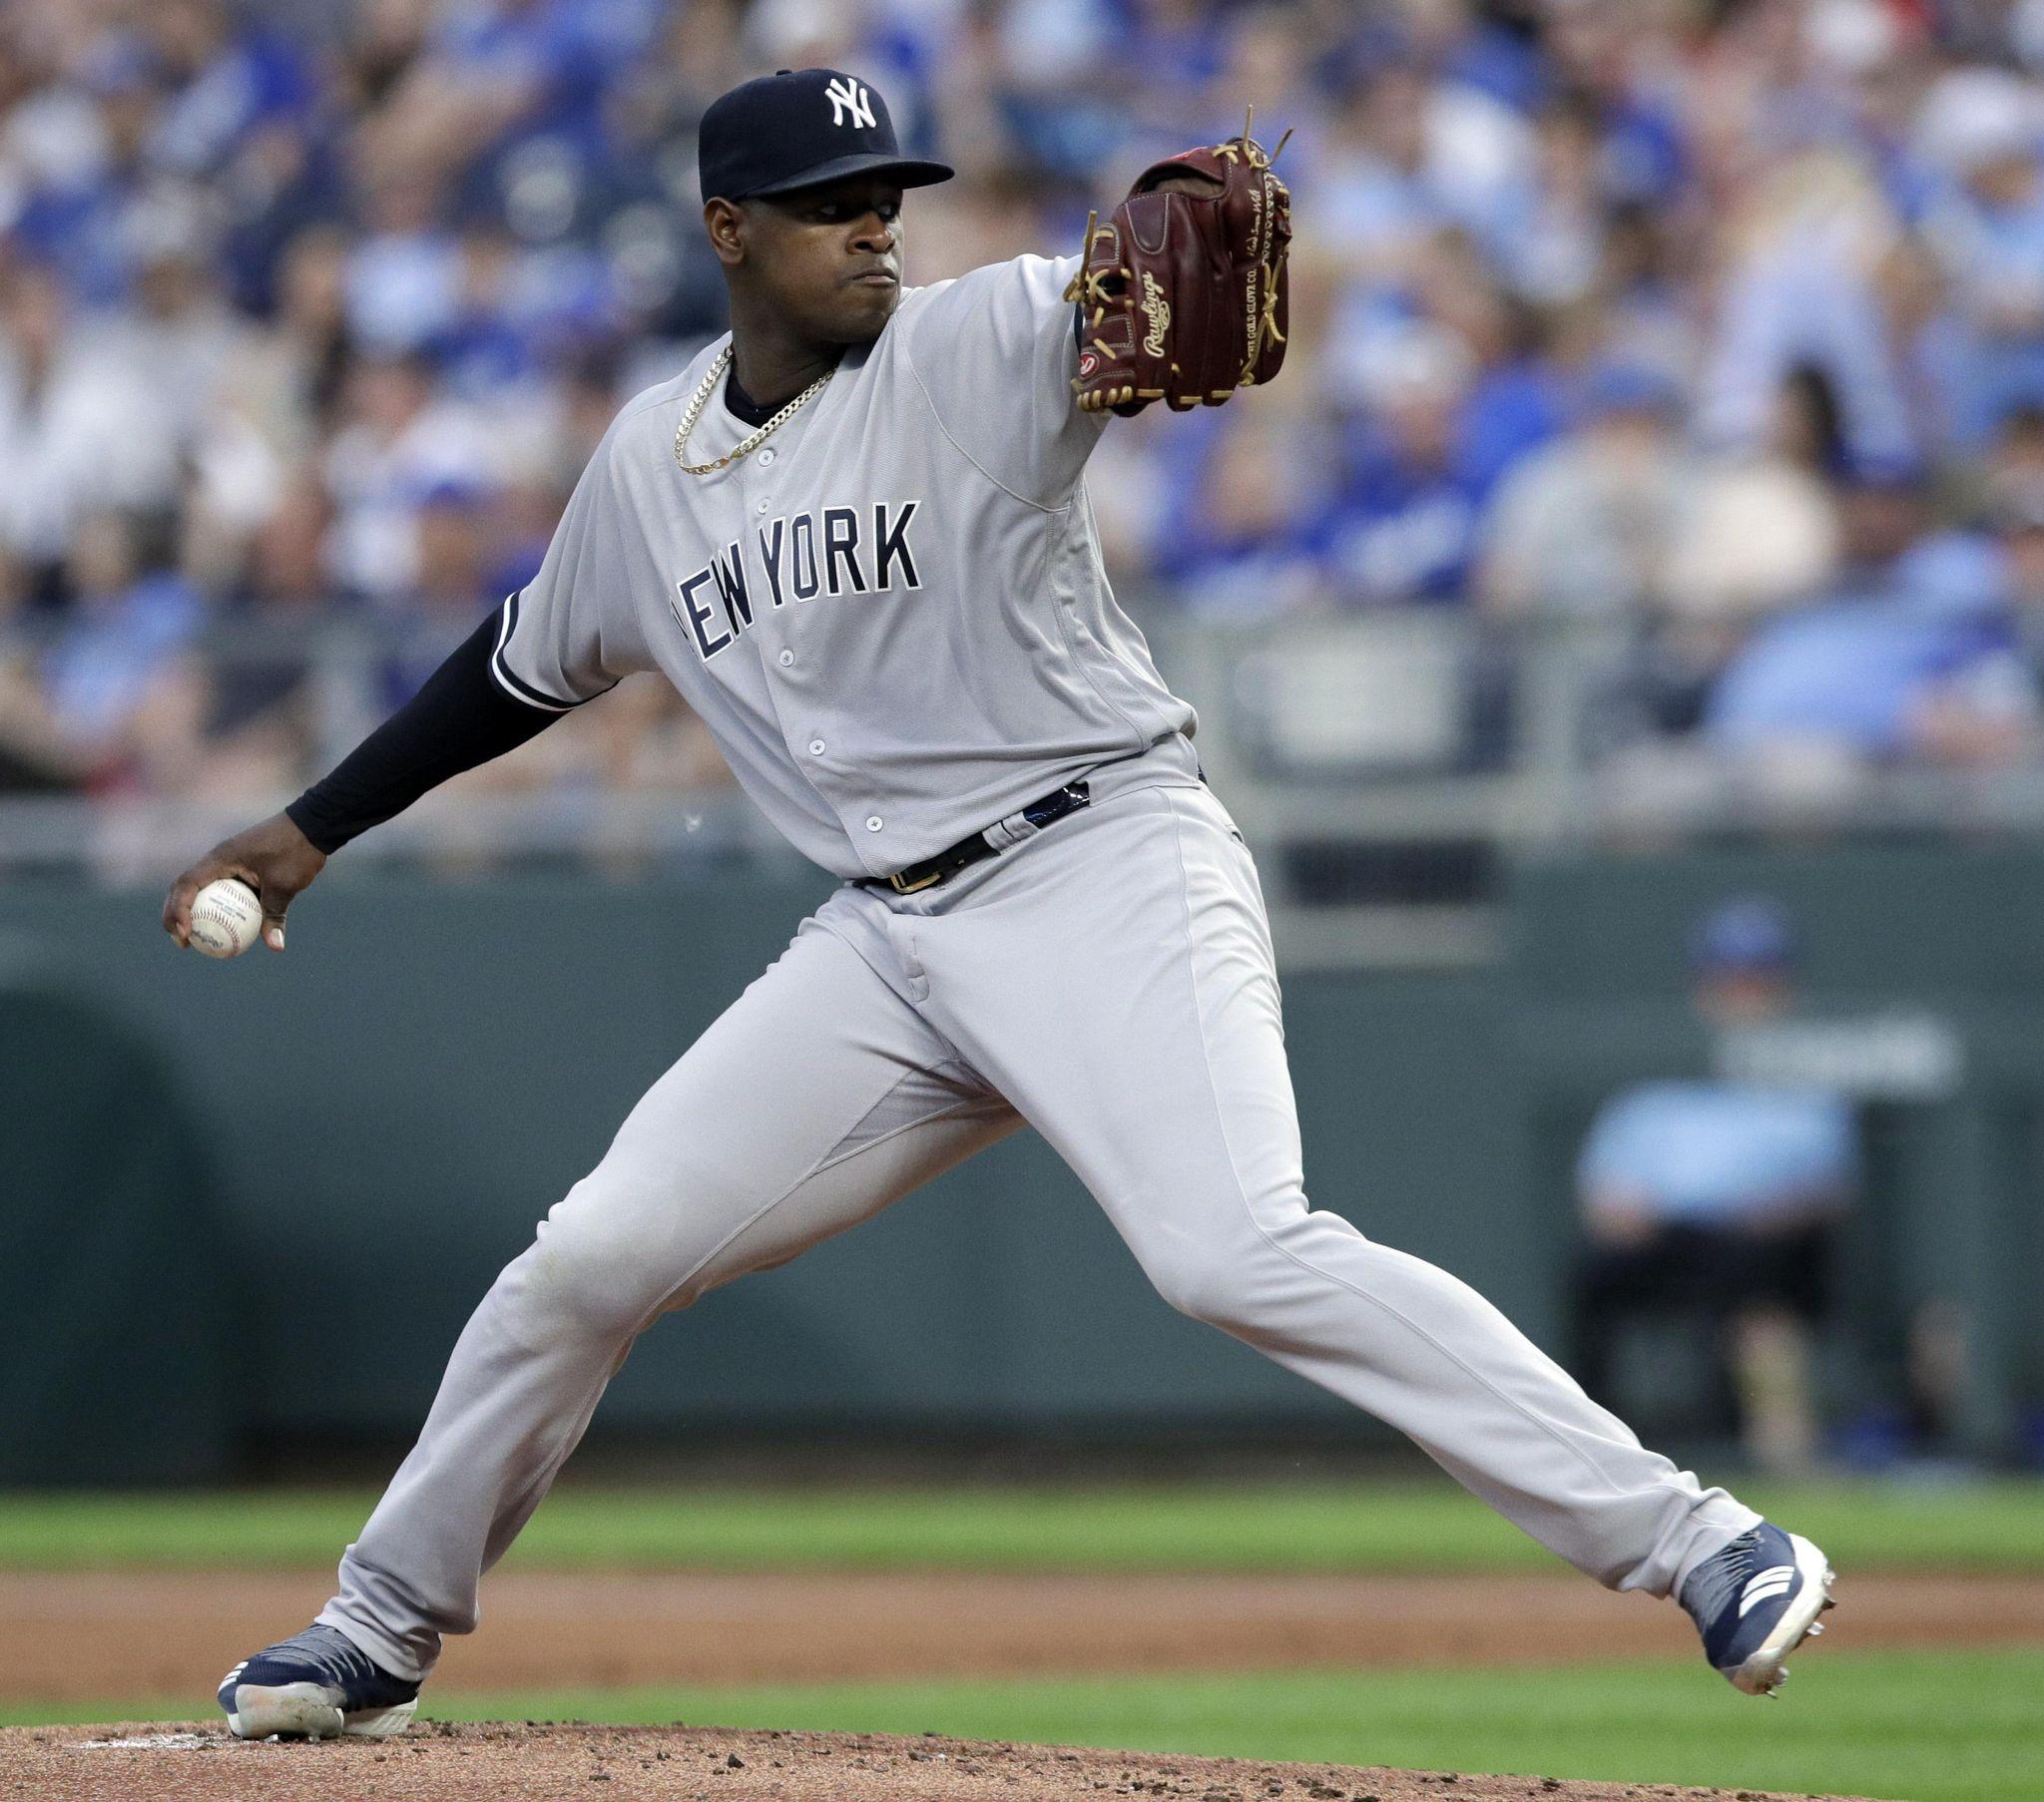 Yankees_royals_baseball_30798_s2048x1806